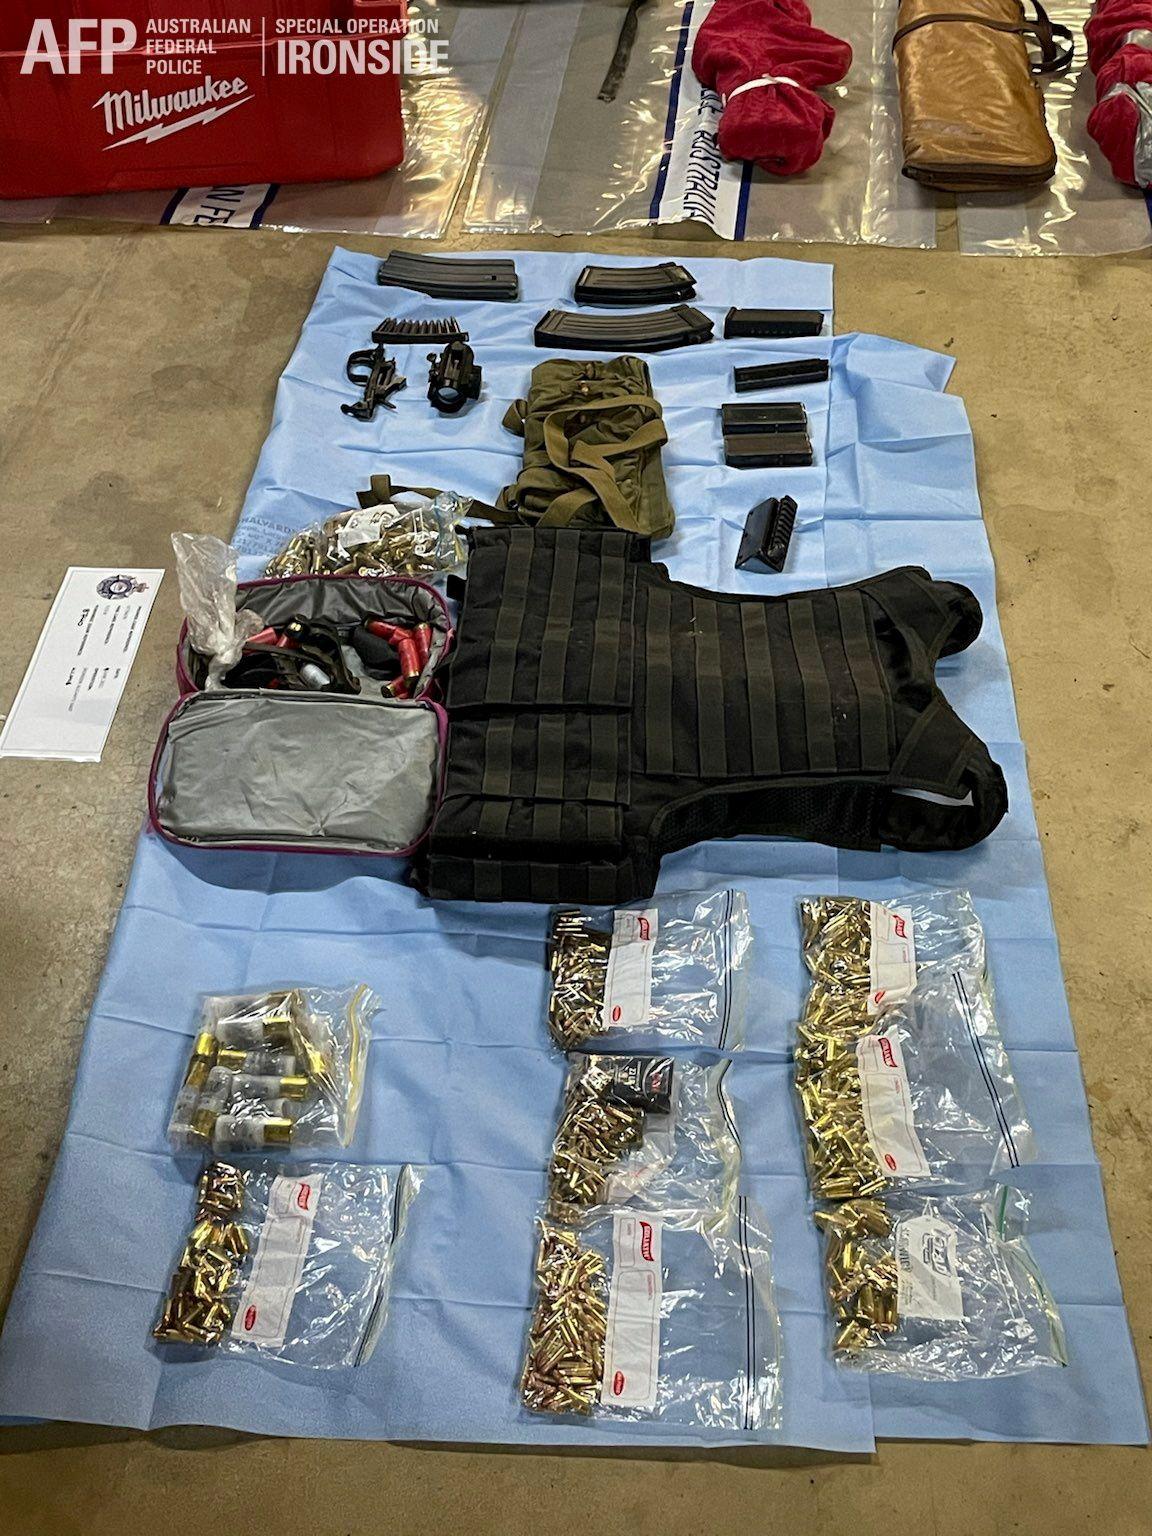 أسلحة تم ضبطها في أستراليا ضمن العملية